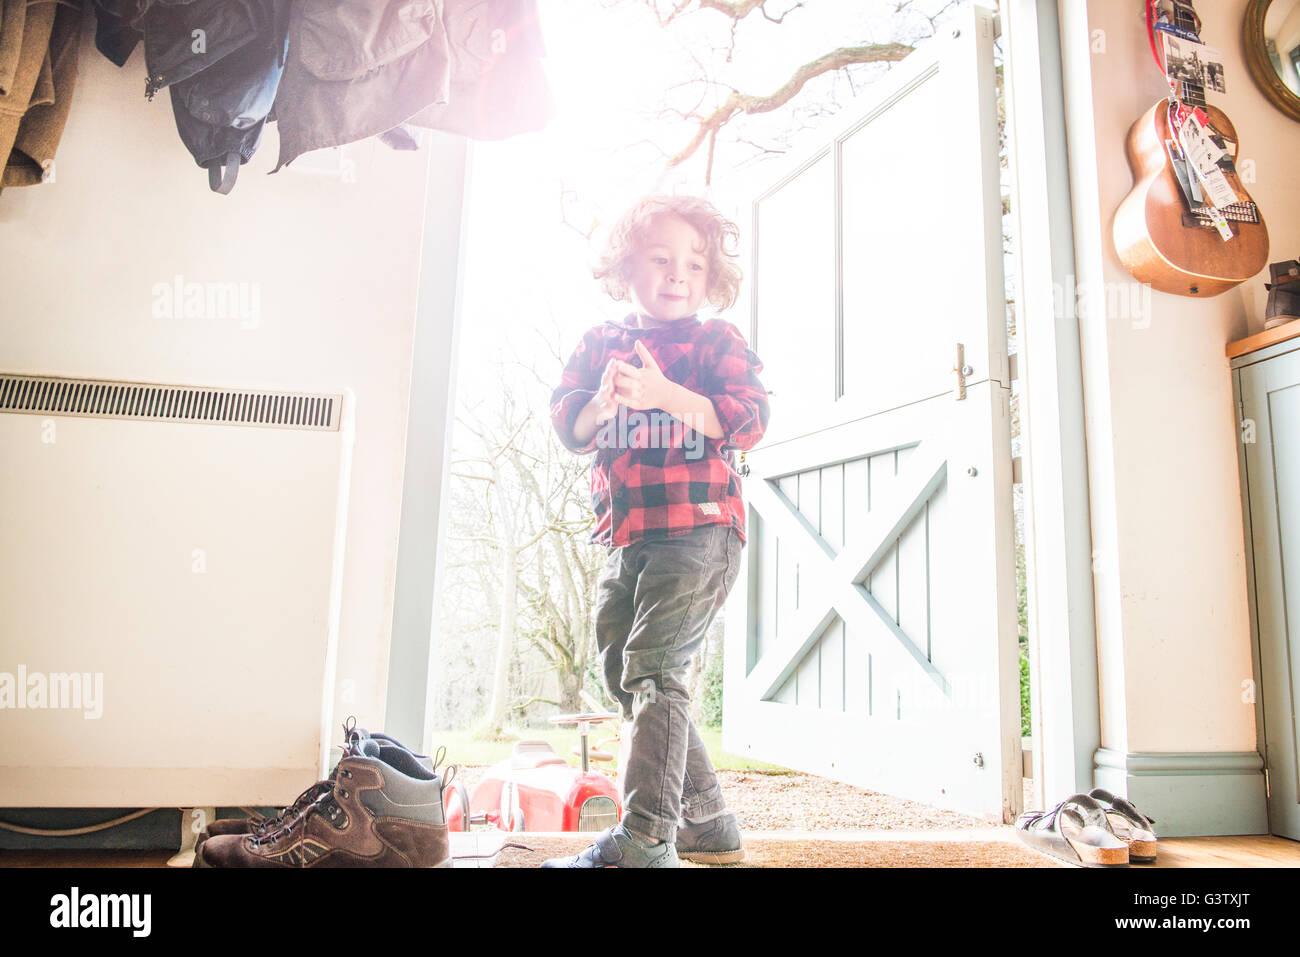 Ein vier Jahre alter Junge stehend an einer offenen Hintertür in einem Check Shirt. Stockbild